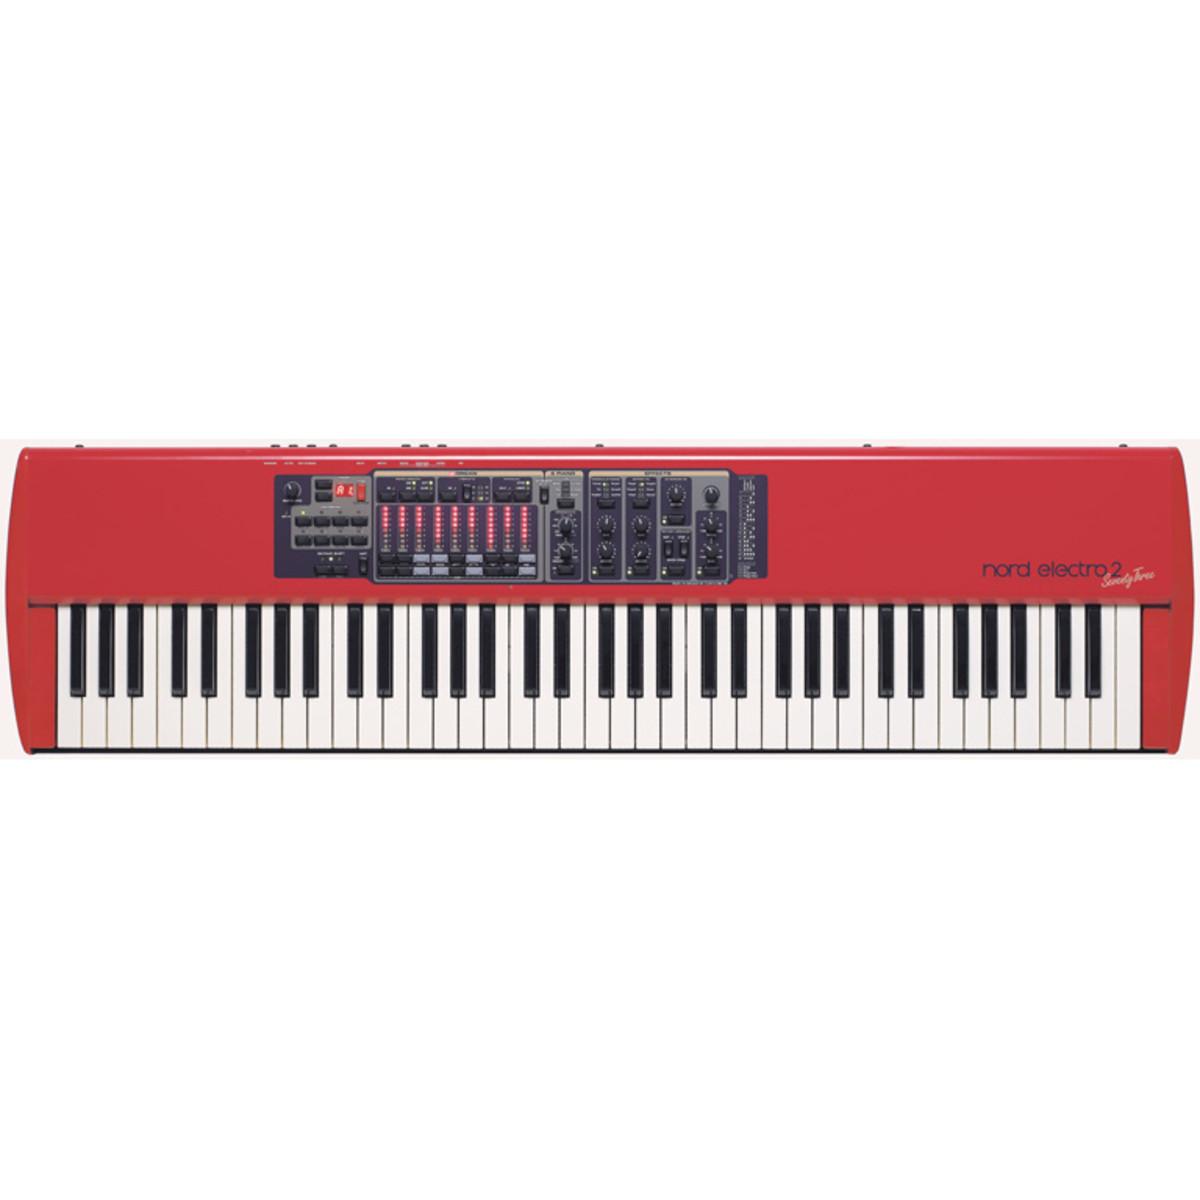 Puis nord electro 2 73 piano lectrique for Piano electrique